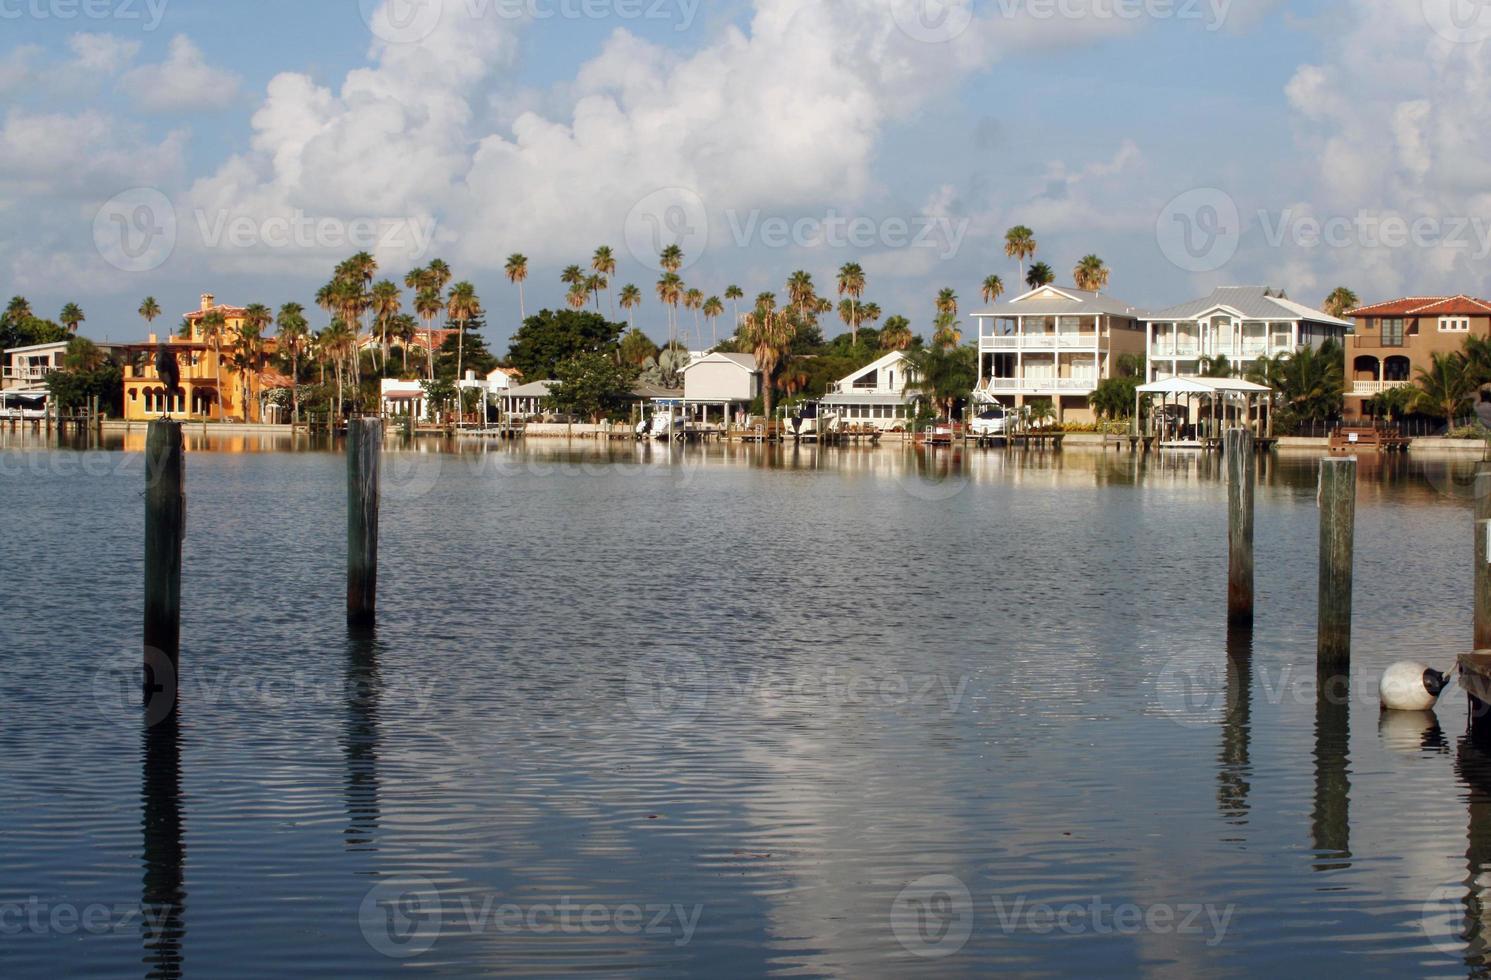 casas junto a la bahía foto